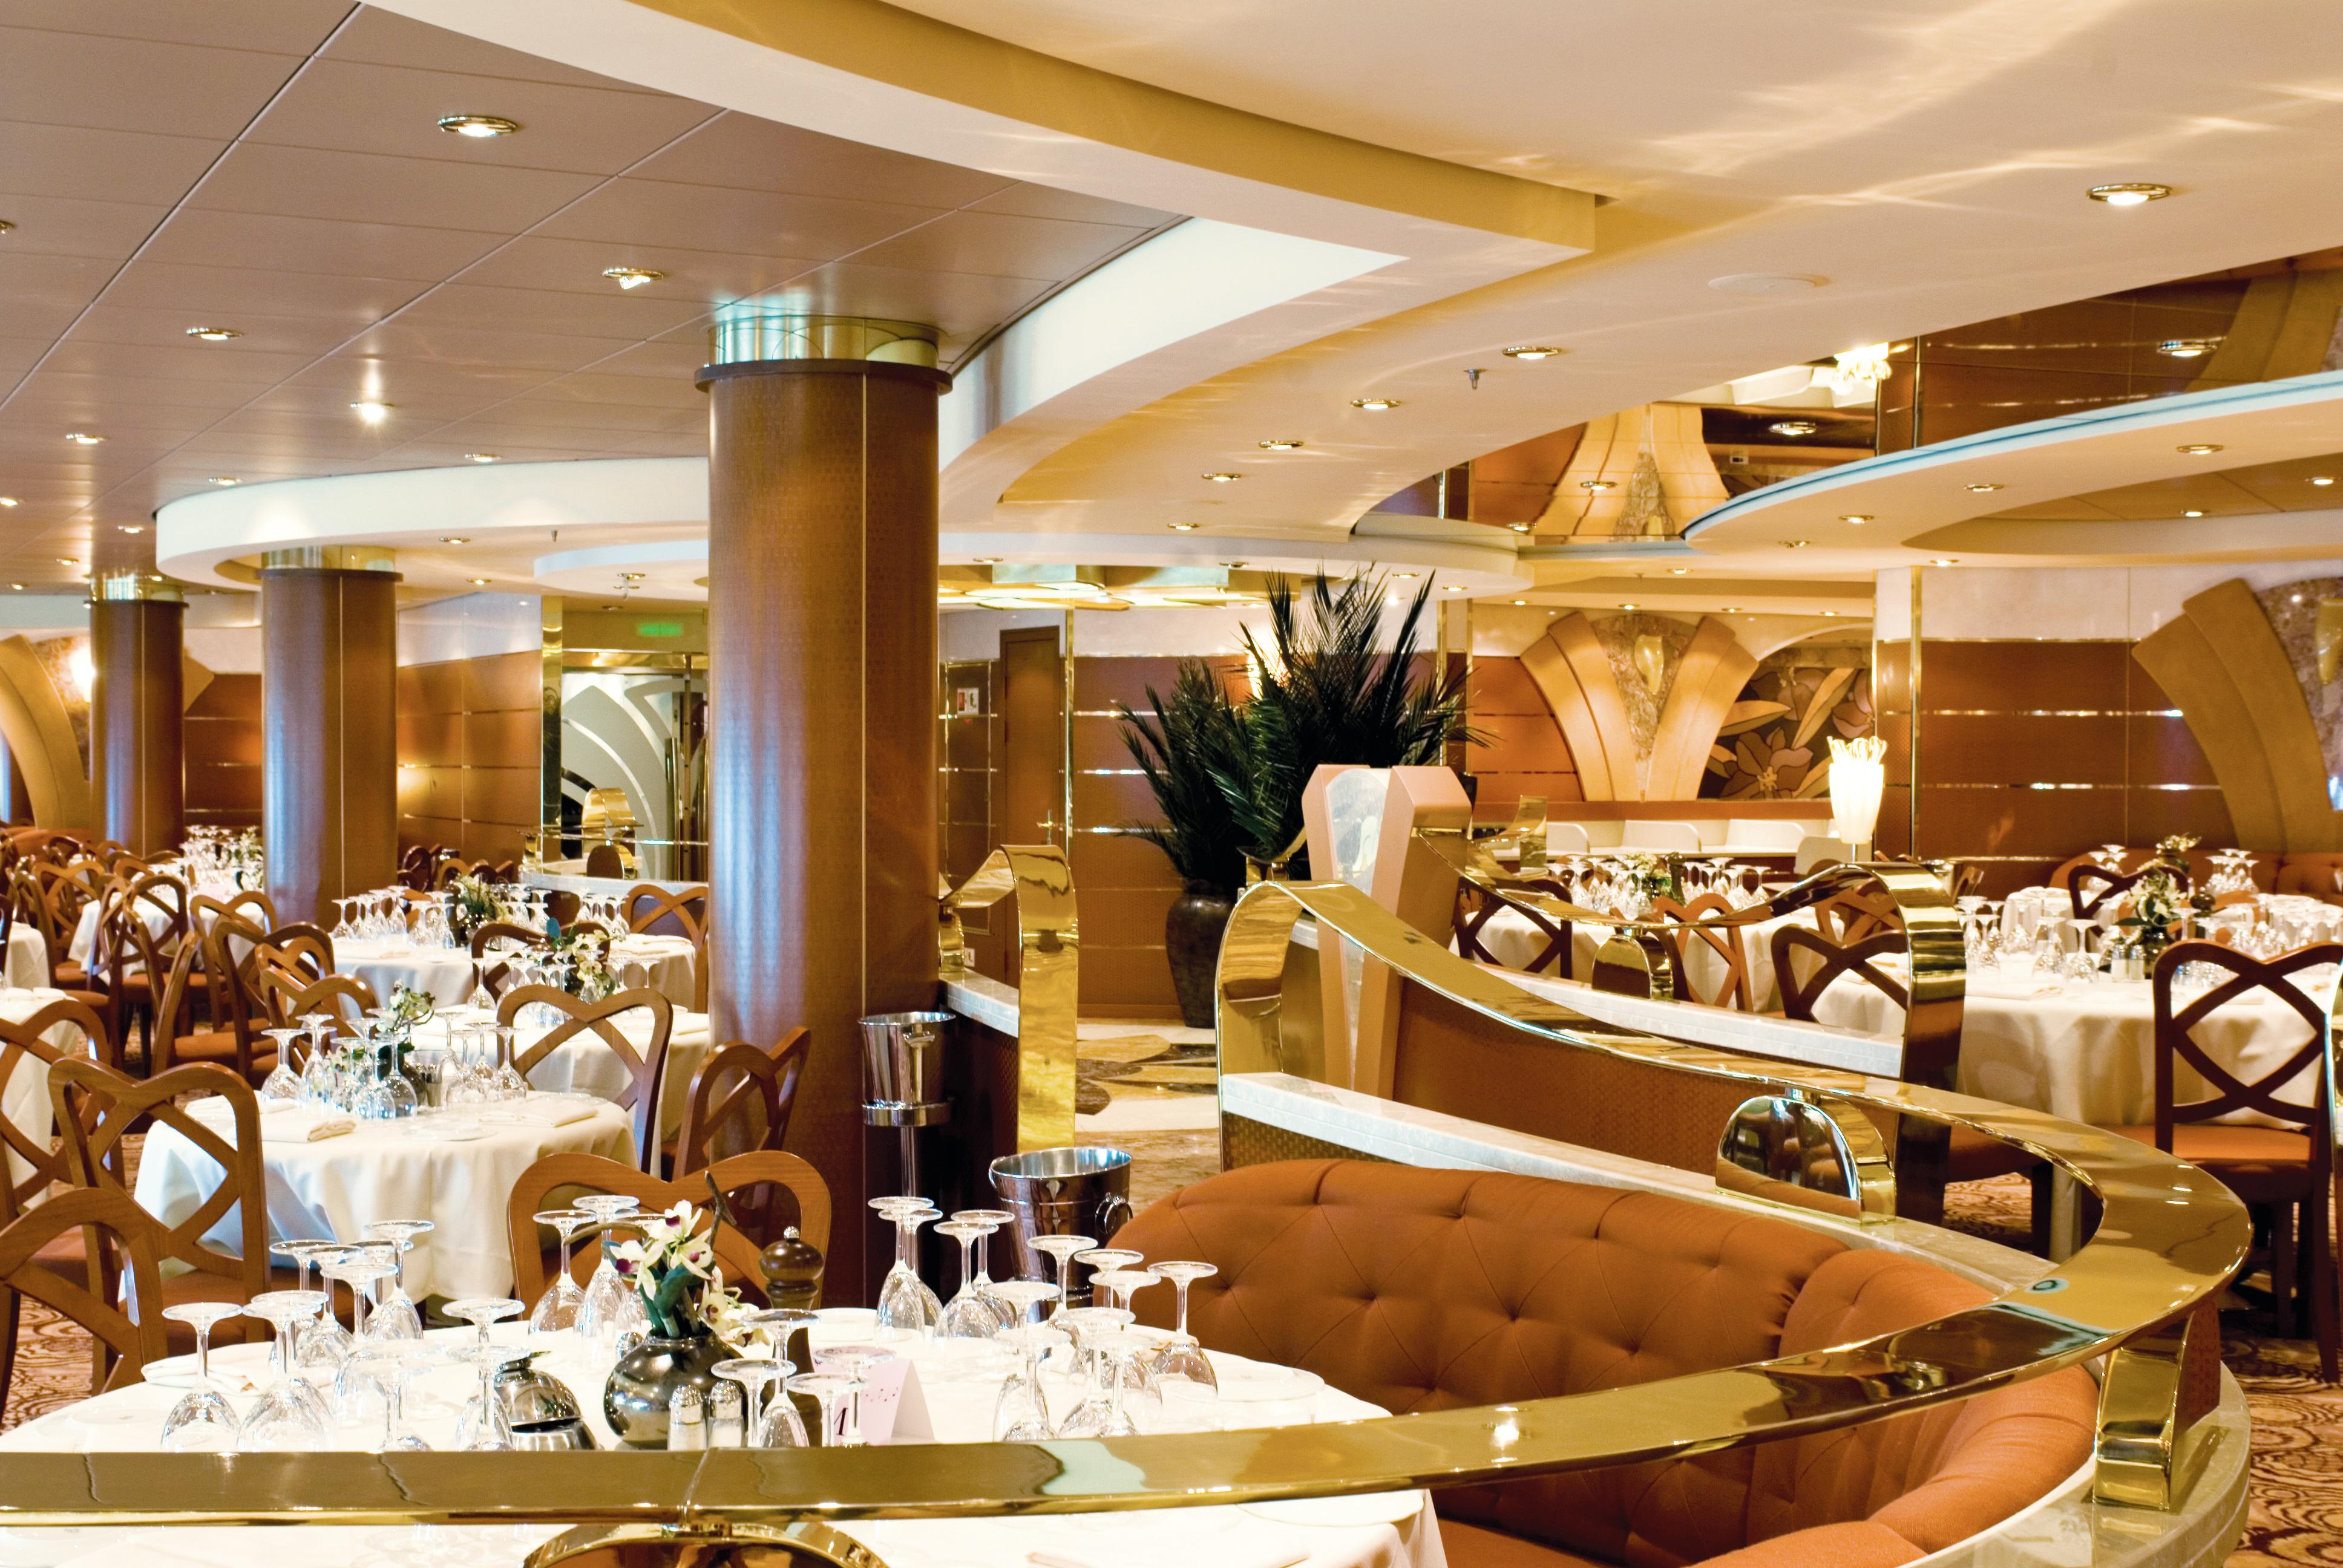 MSC Musica Class main restaurant 3.jpg